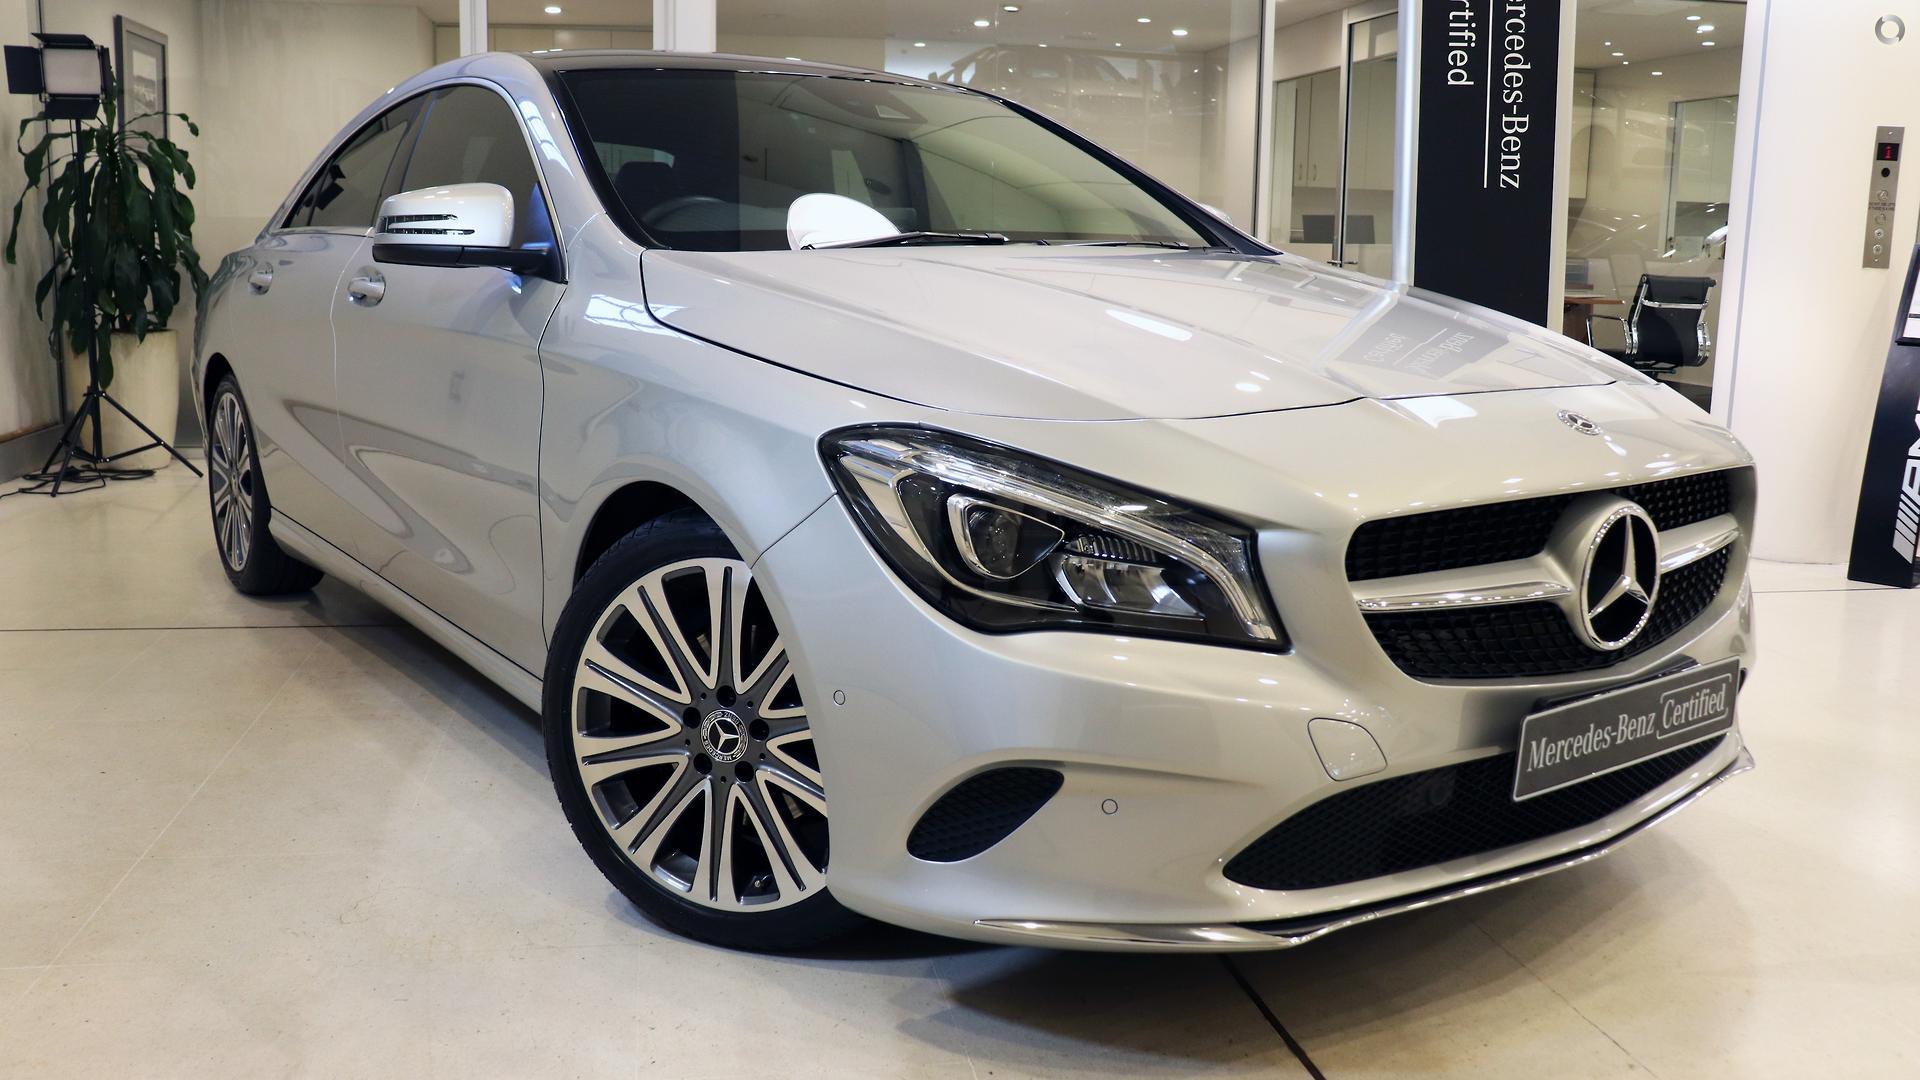 2017 Mercedes-Benz CLA 200 Coupé